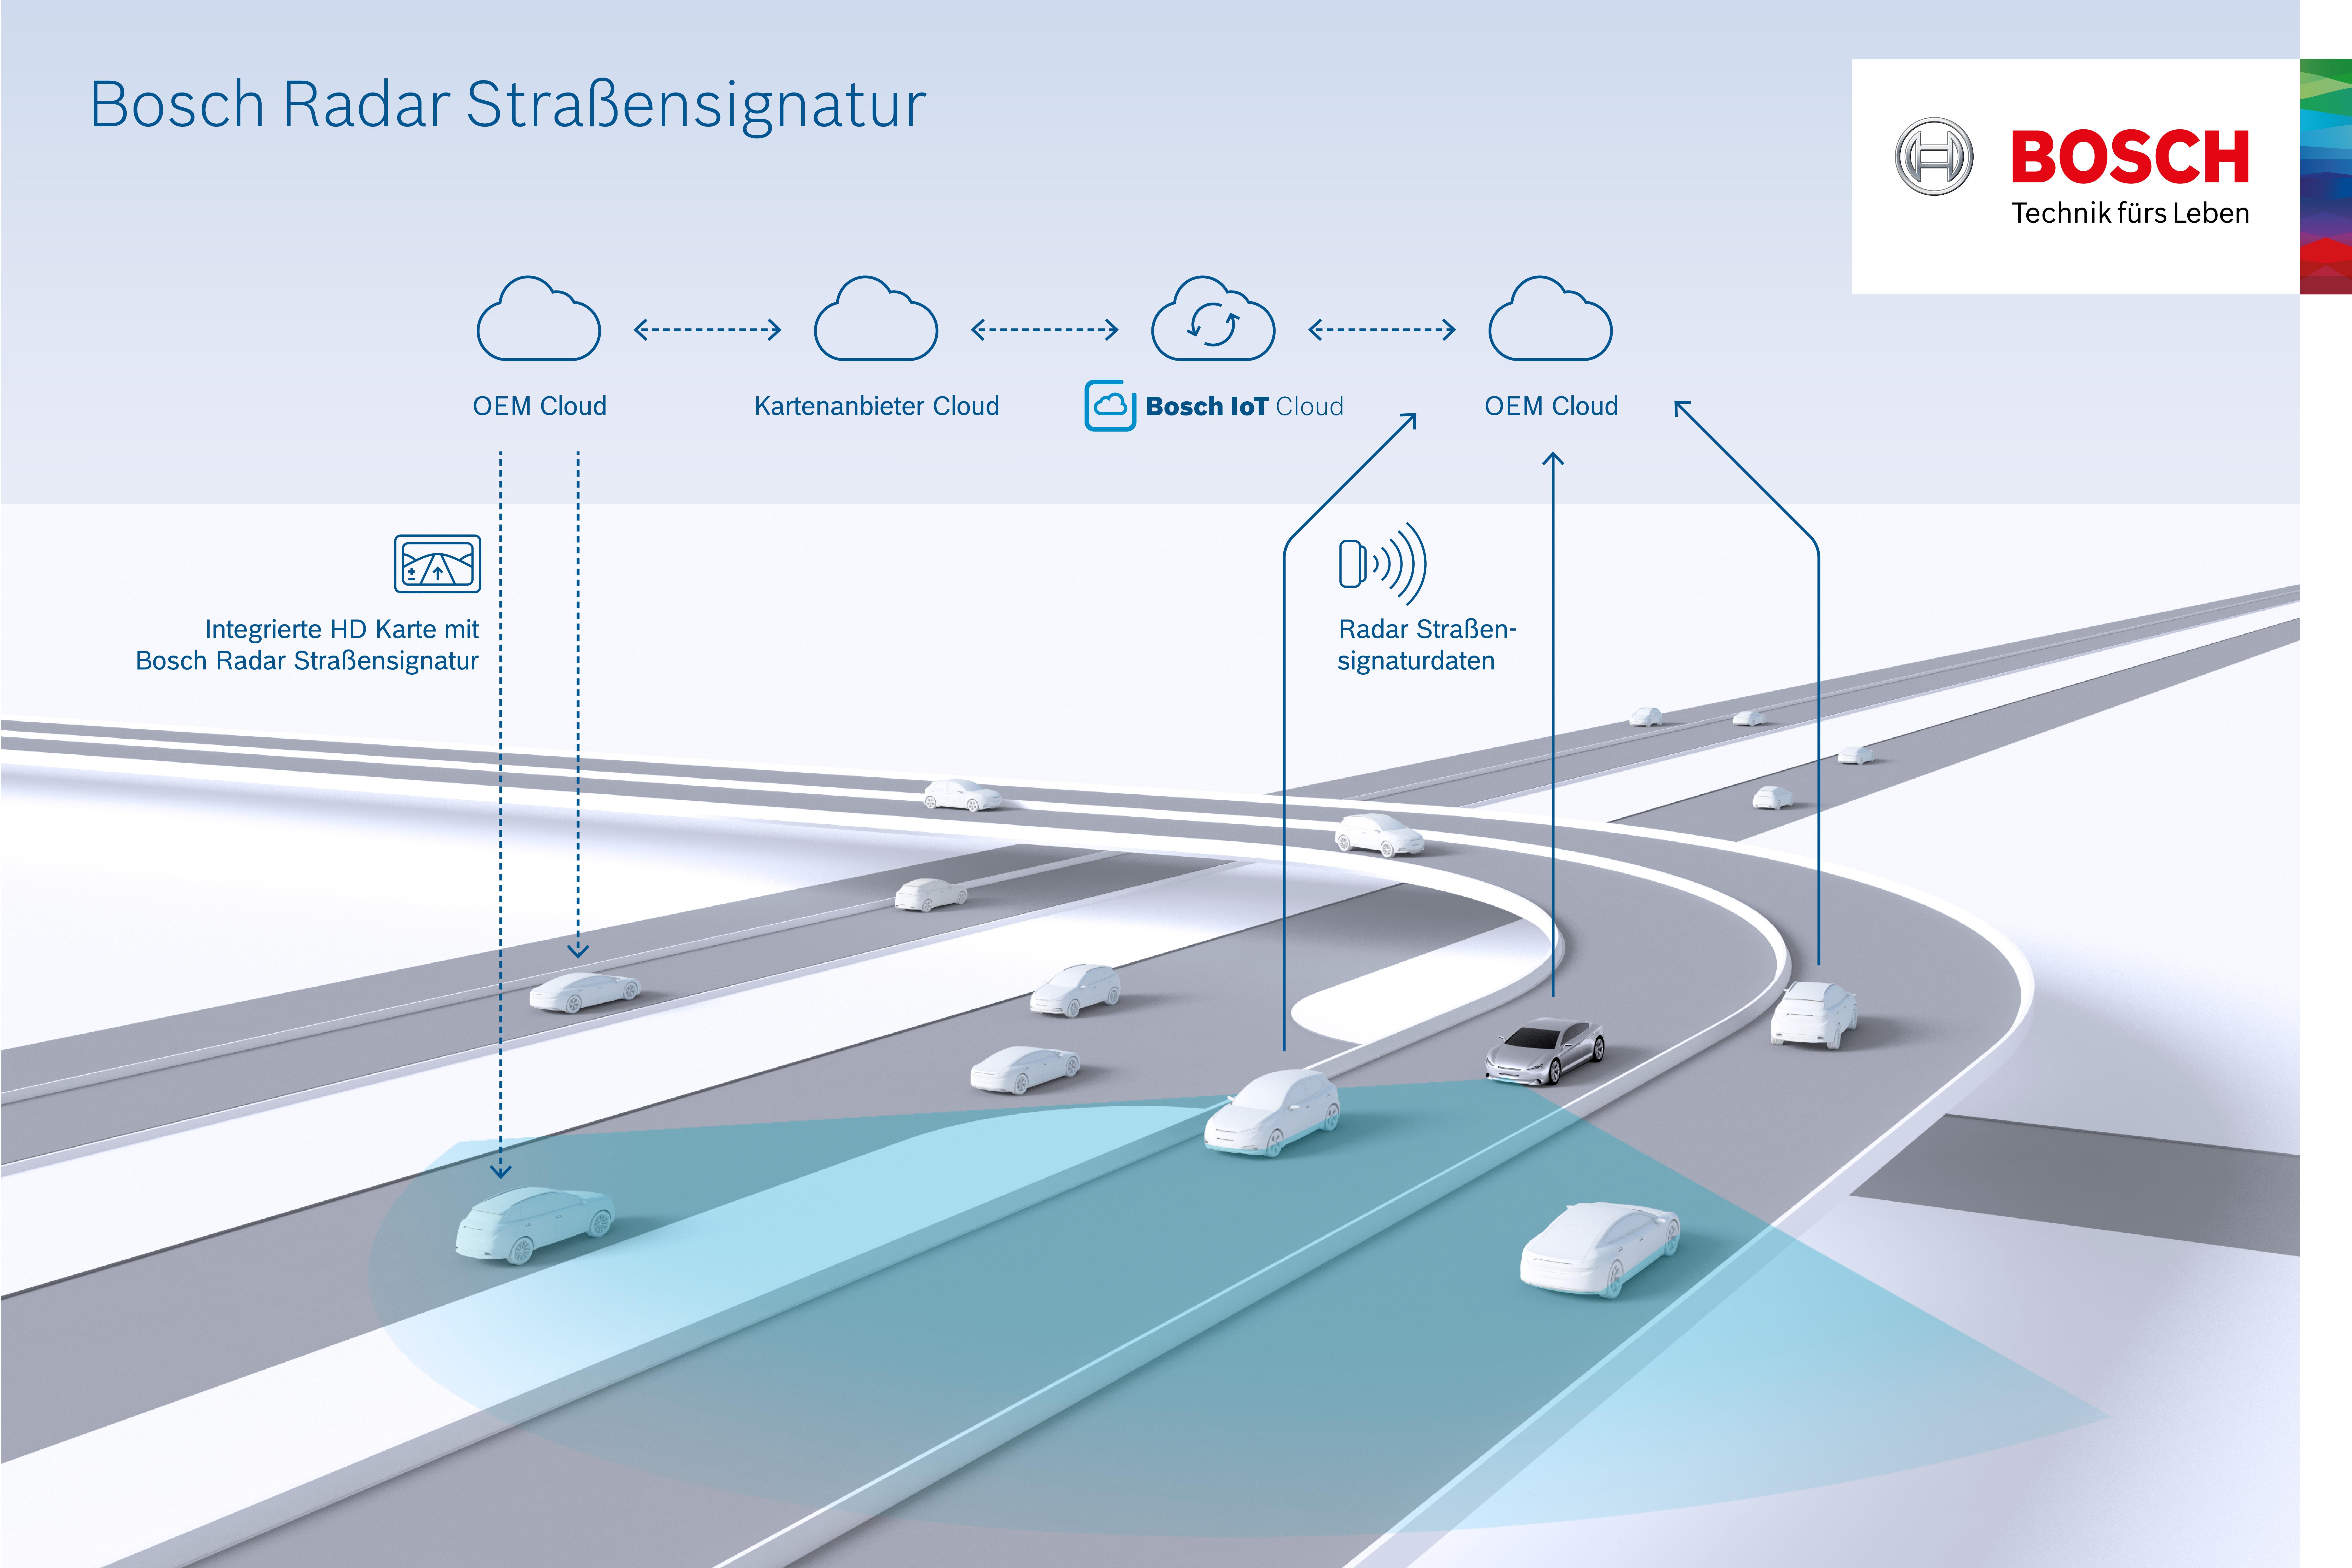 Bosch erstellt Karte für automatisiertes Fahren auf Basis von Radarsignalen